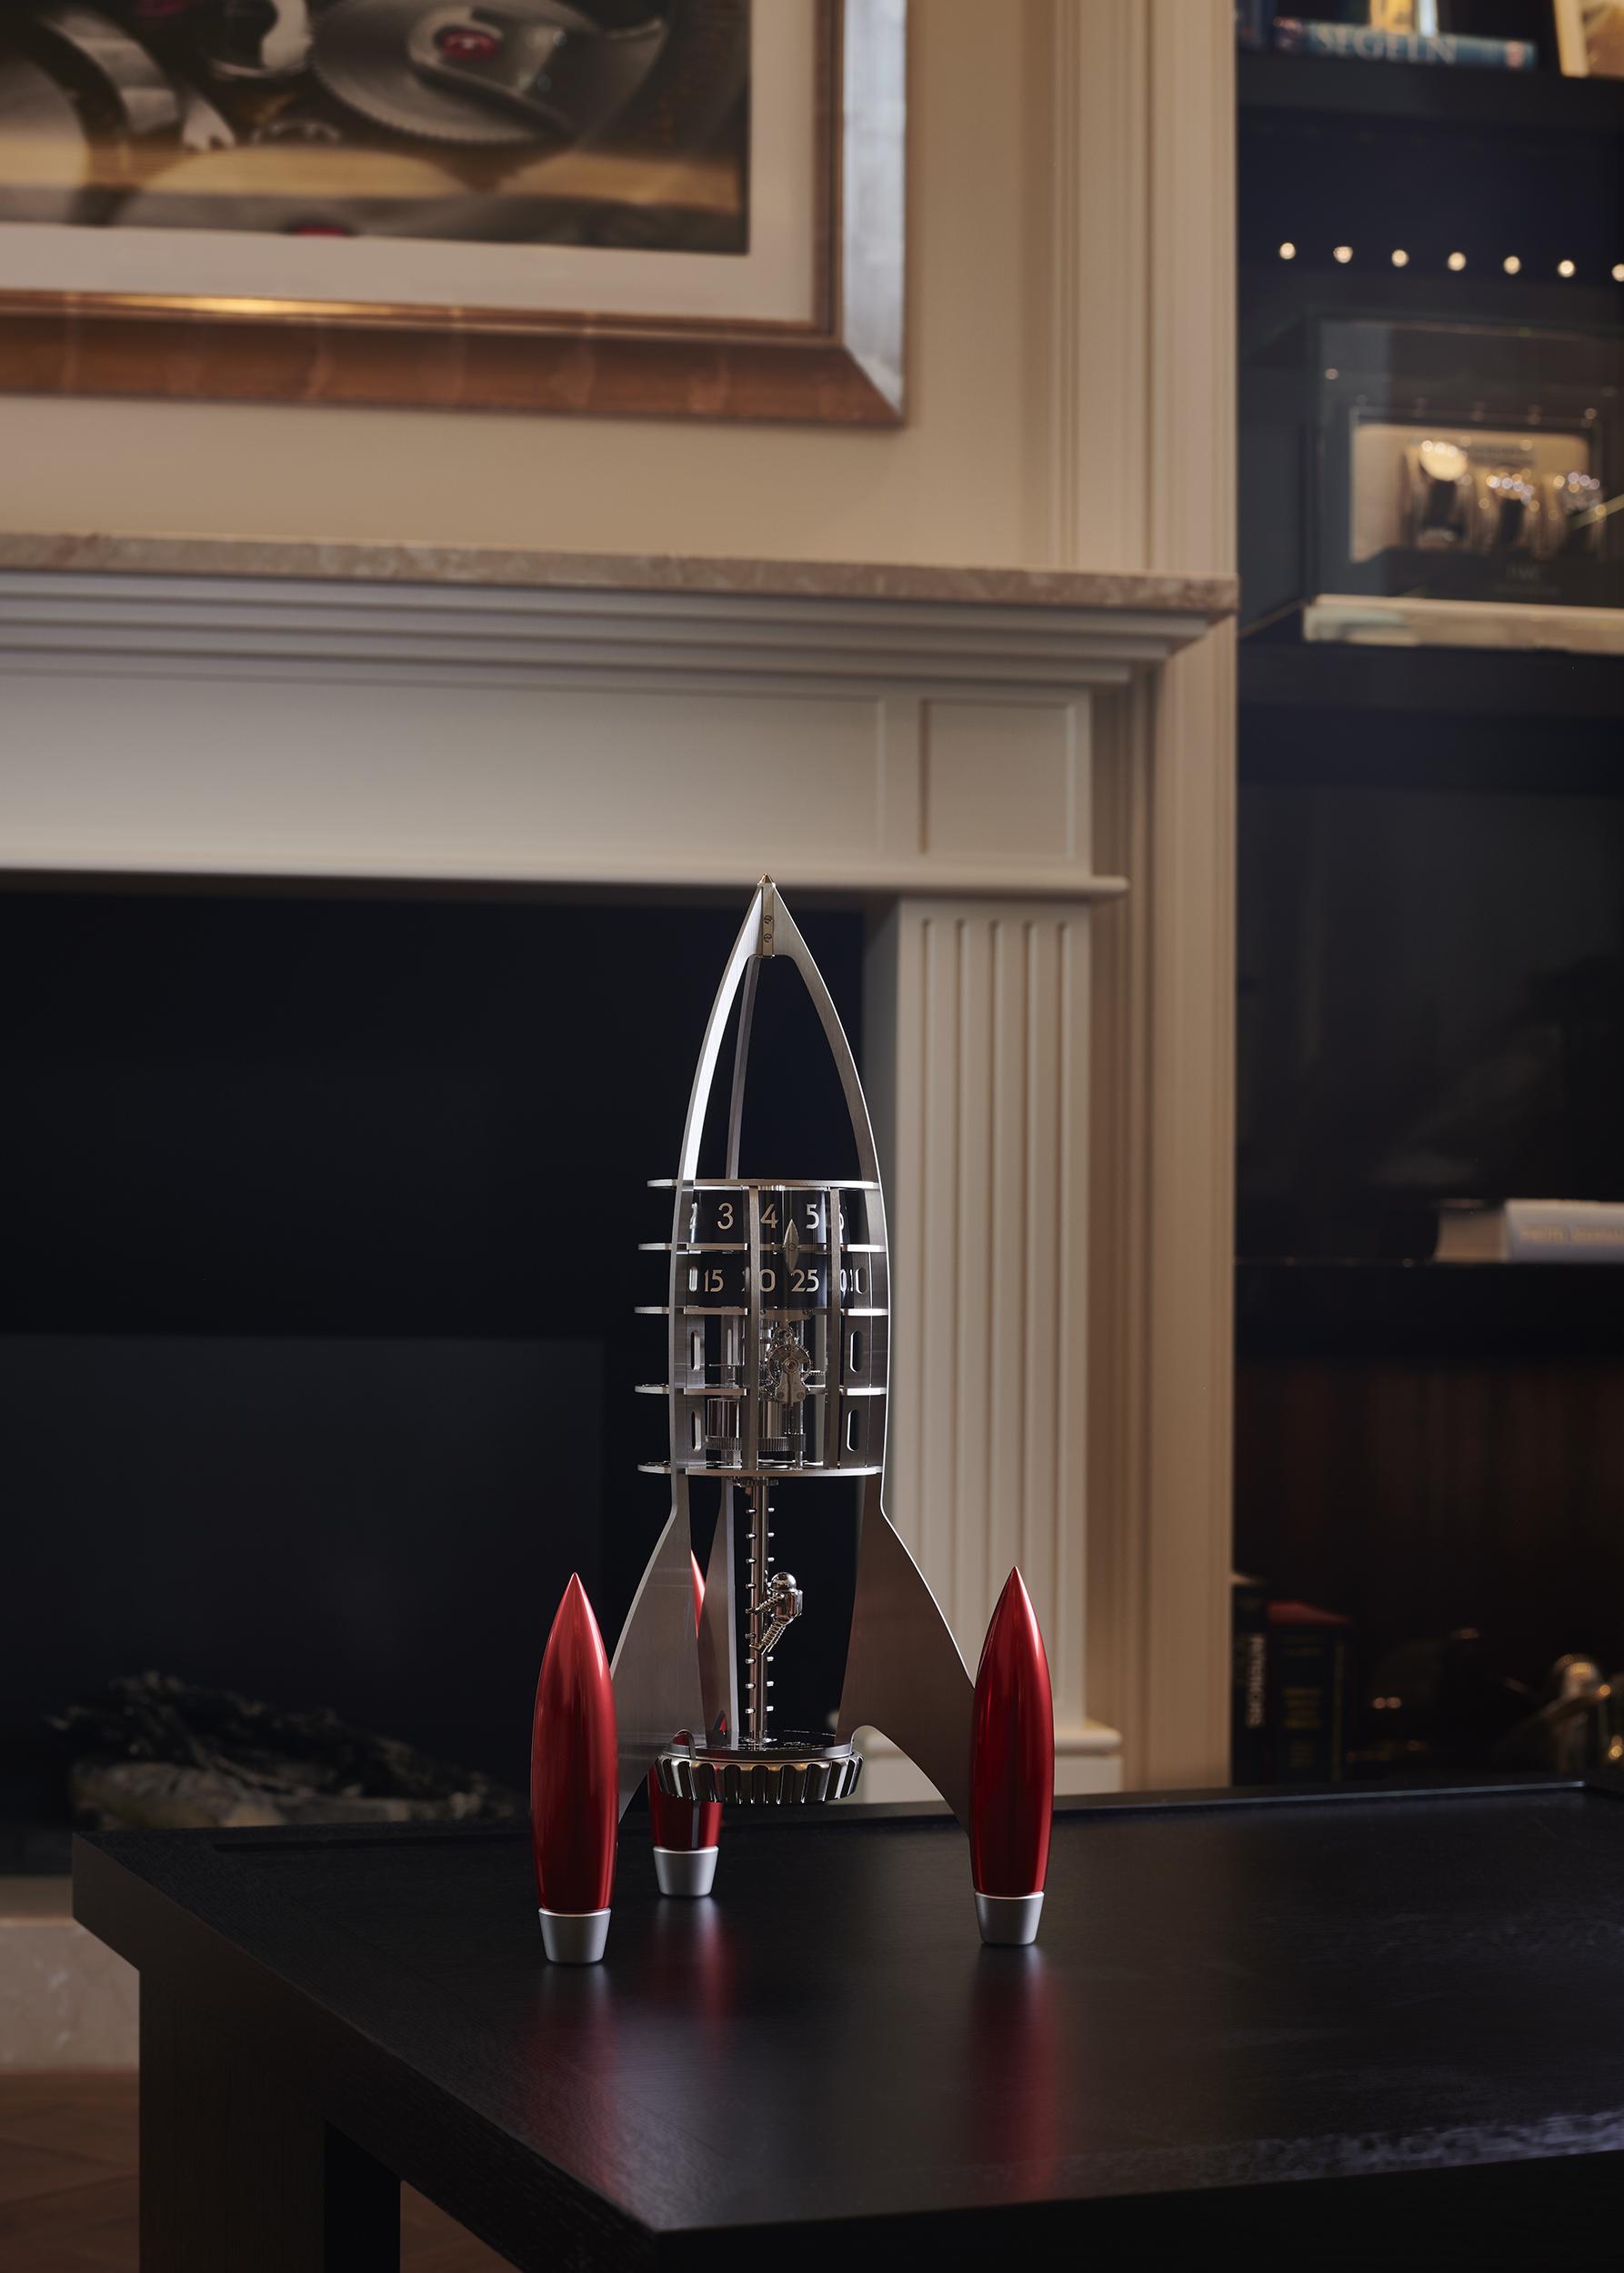 image d'ambiance de la destination moon red produite par mb&f, max busser and friends